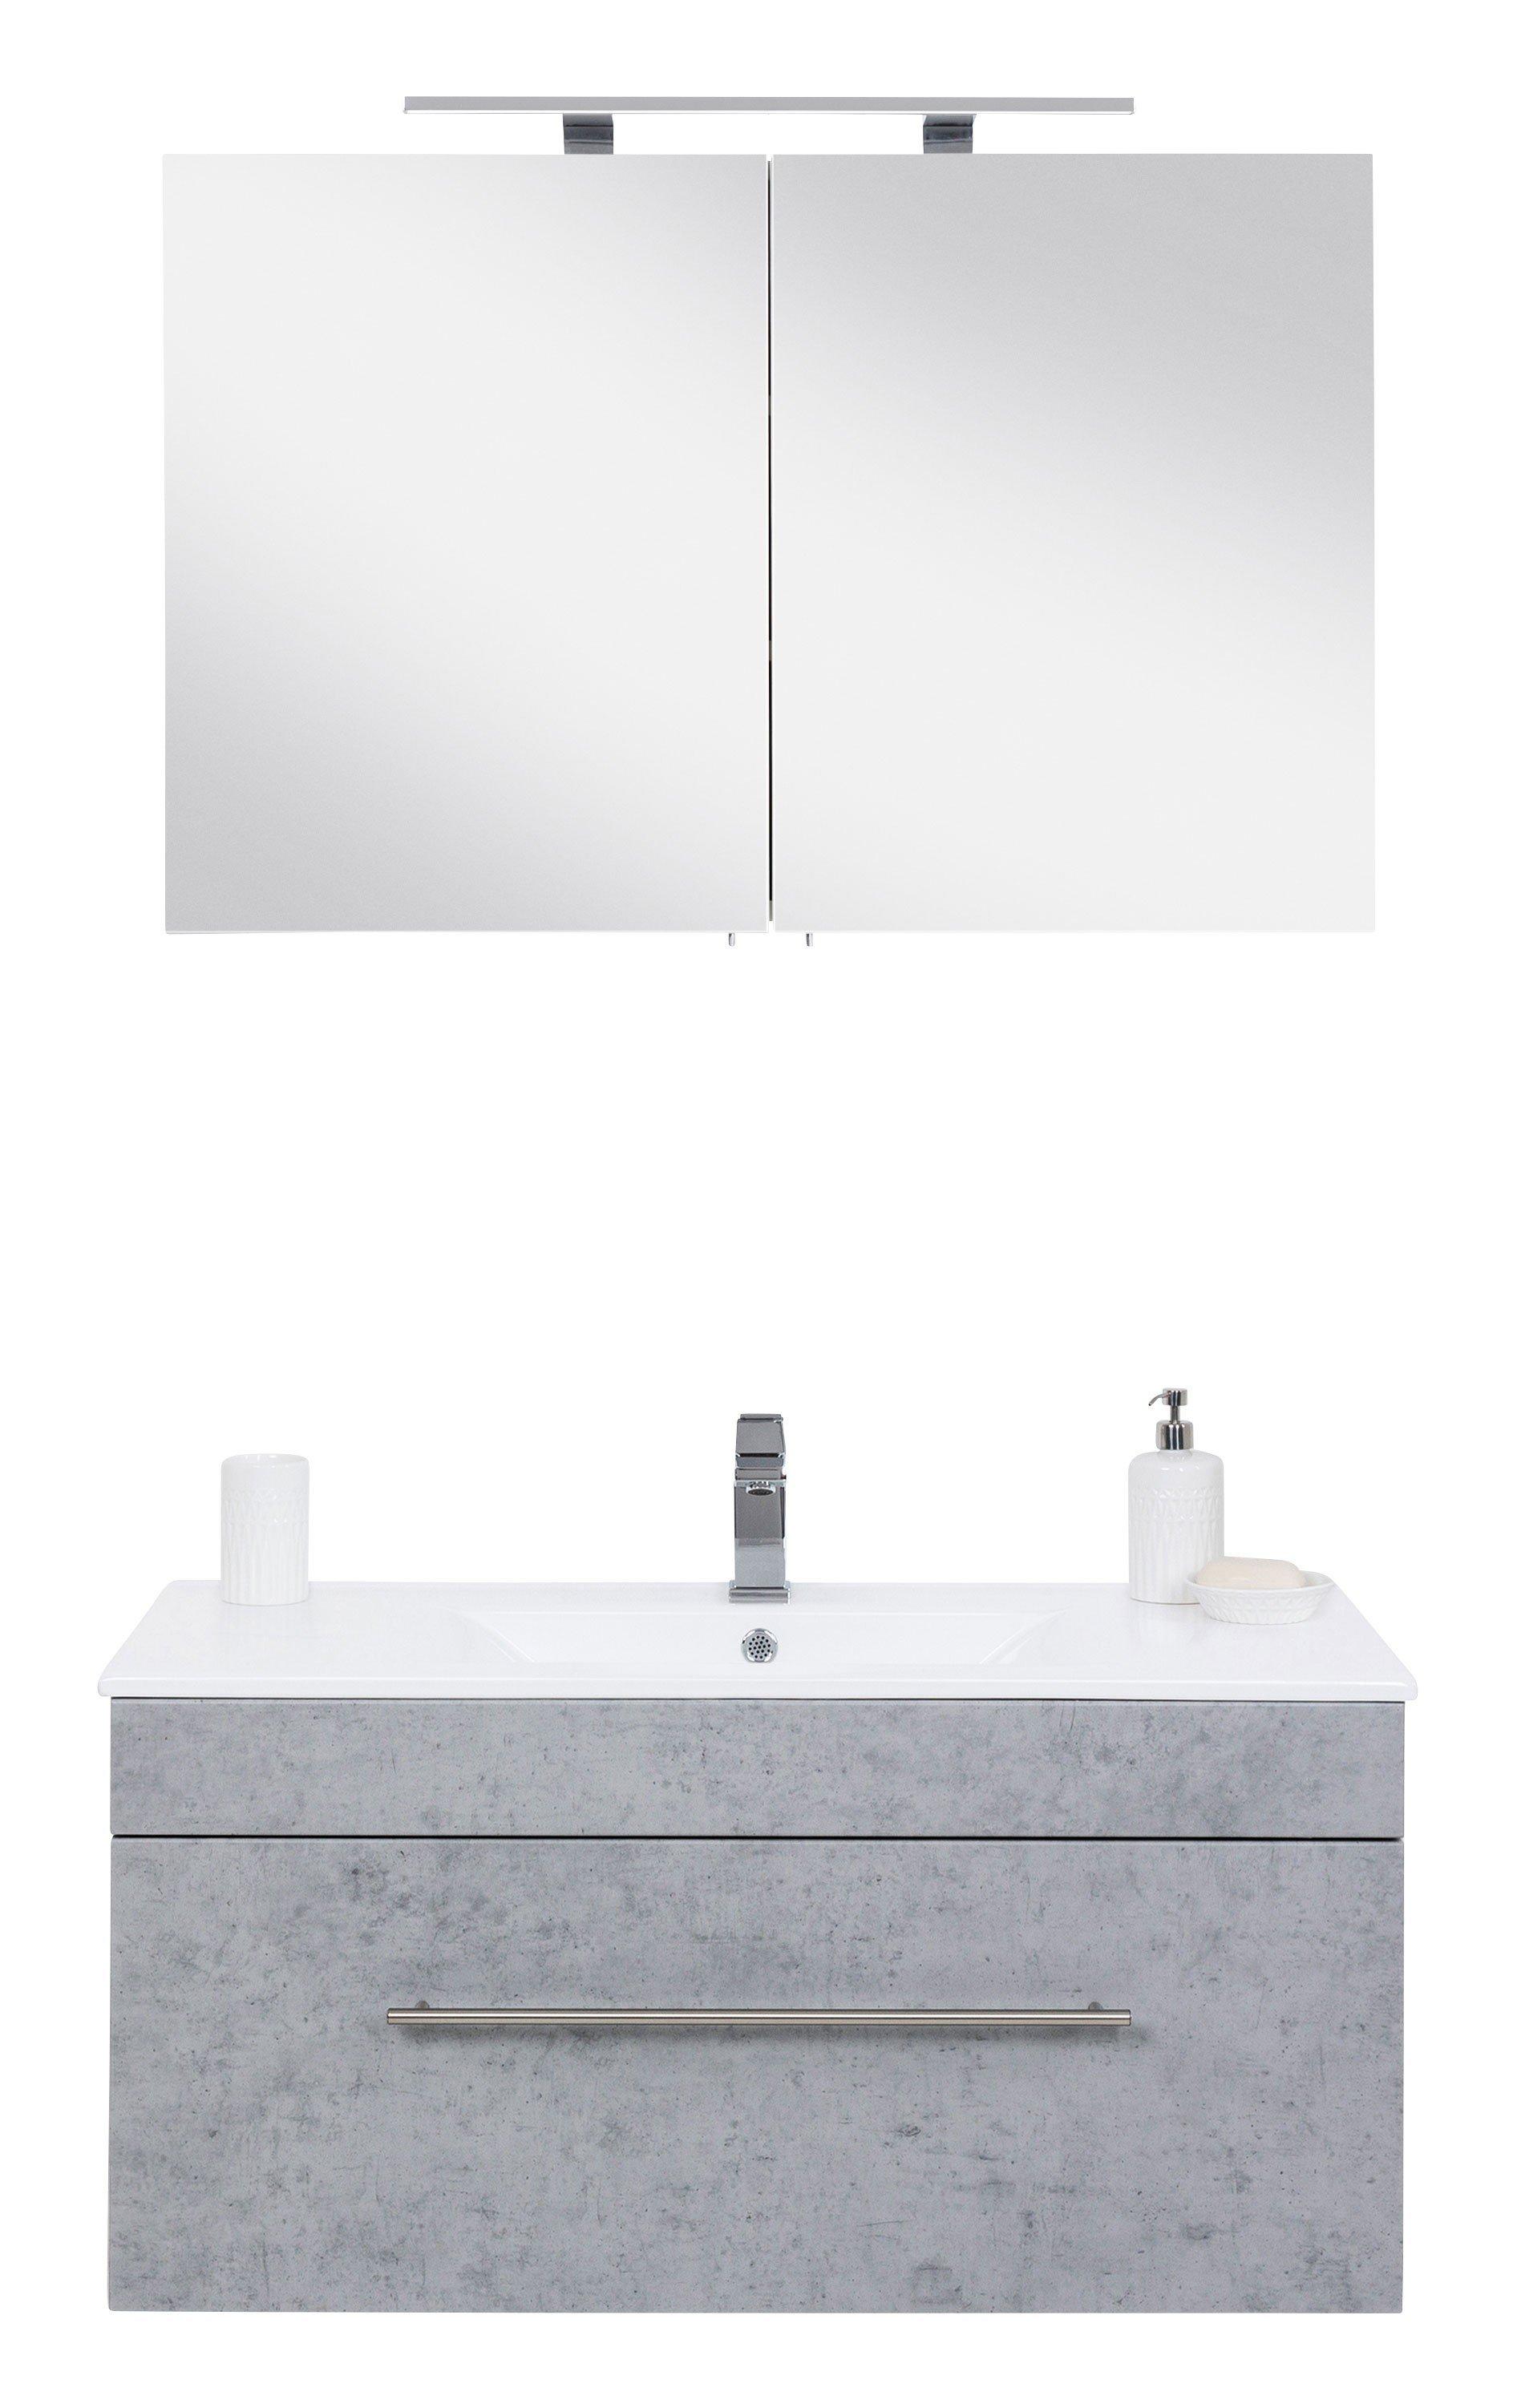 Viva von Posseik - Badezimmer weiß & Beton